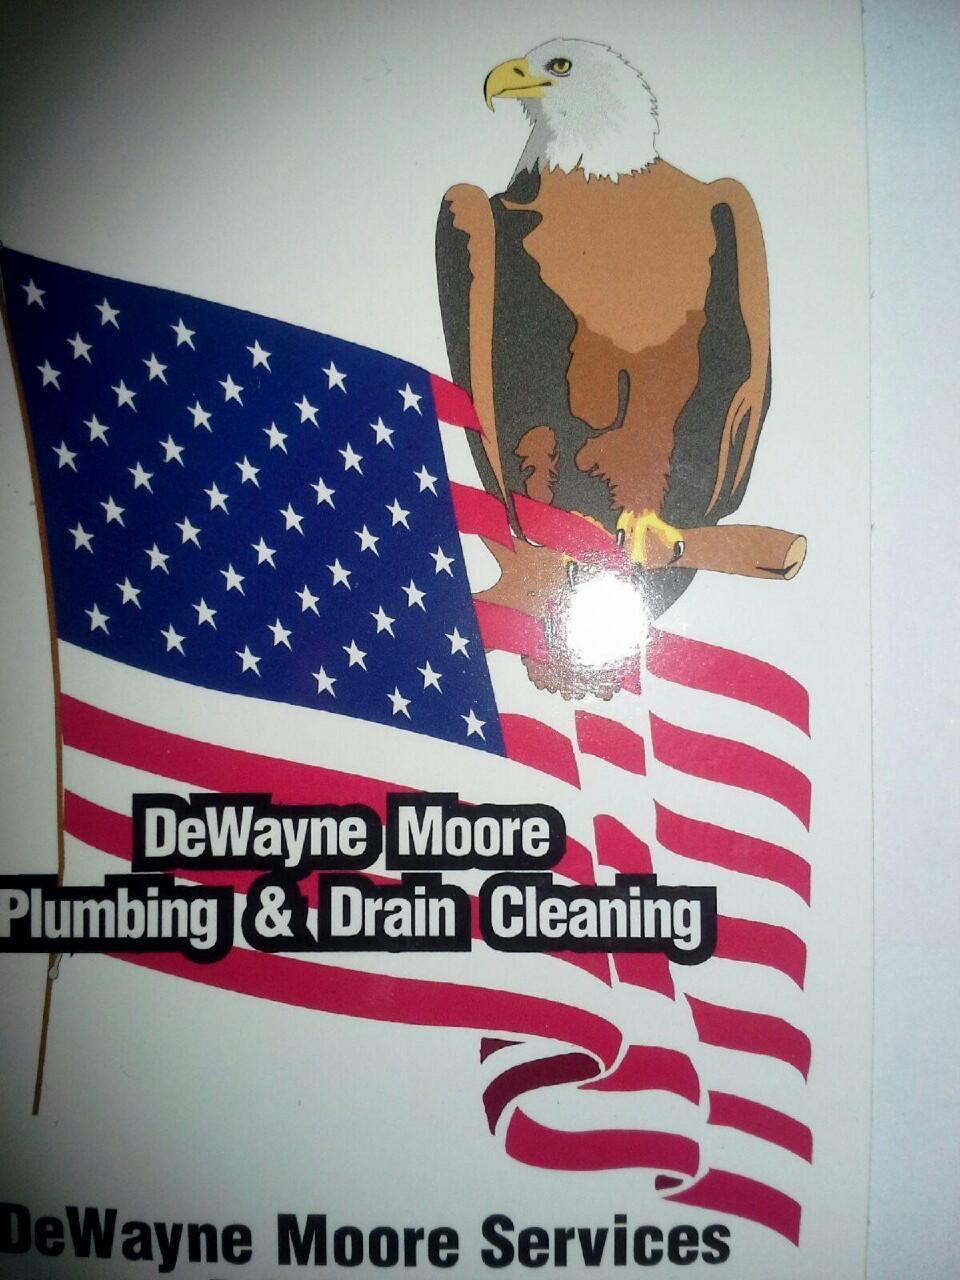 DeWayne Moore Services